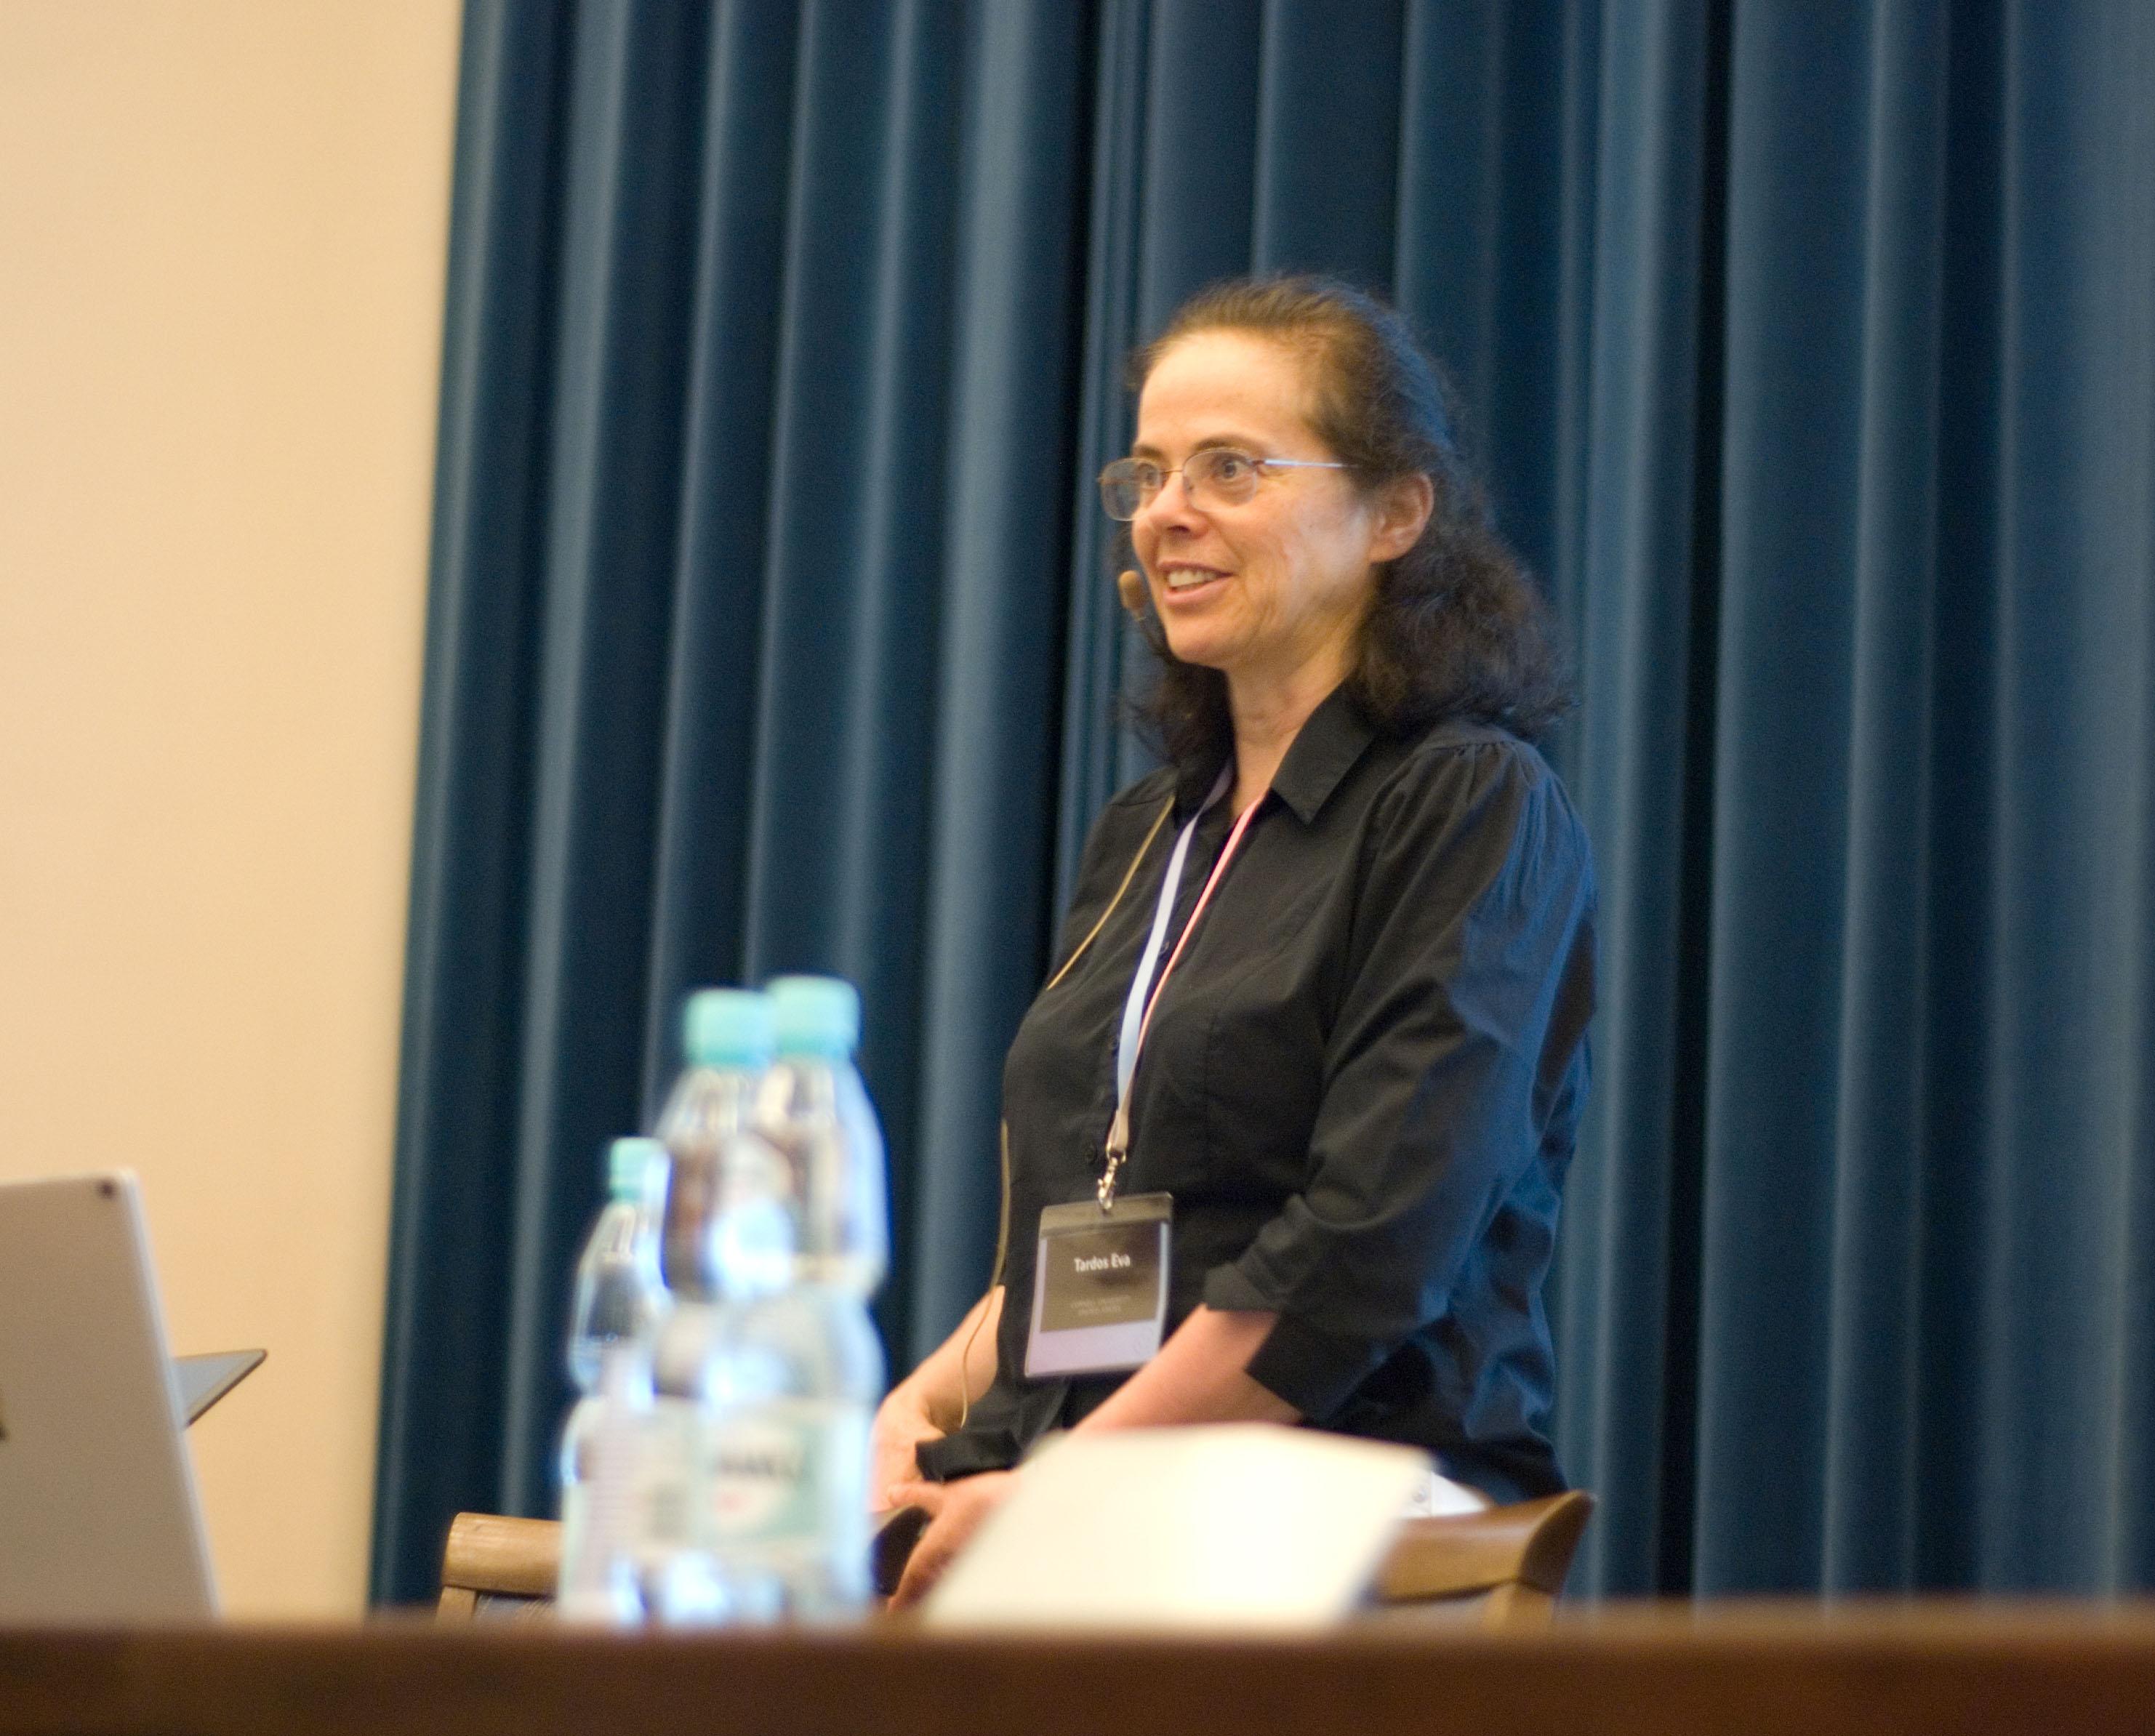 Eva Tardos' talk